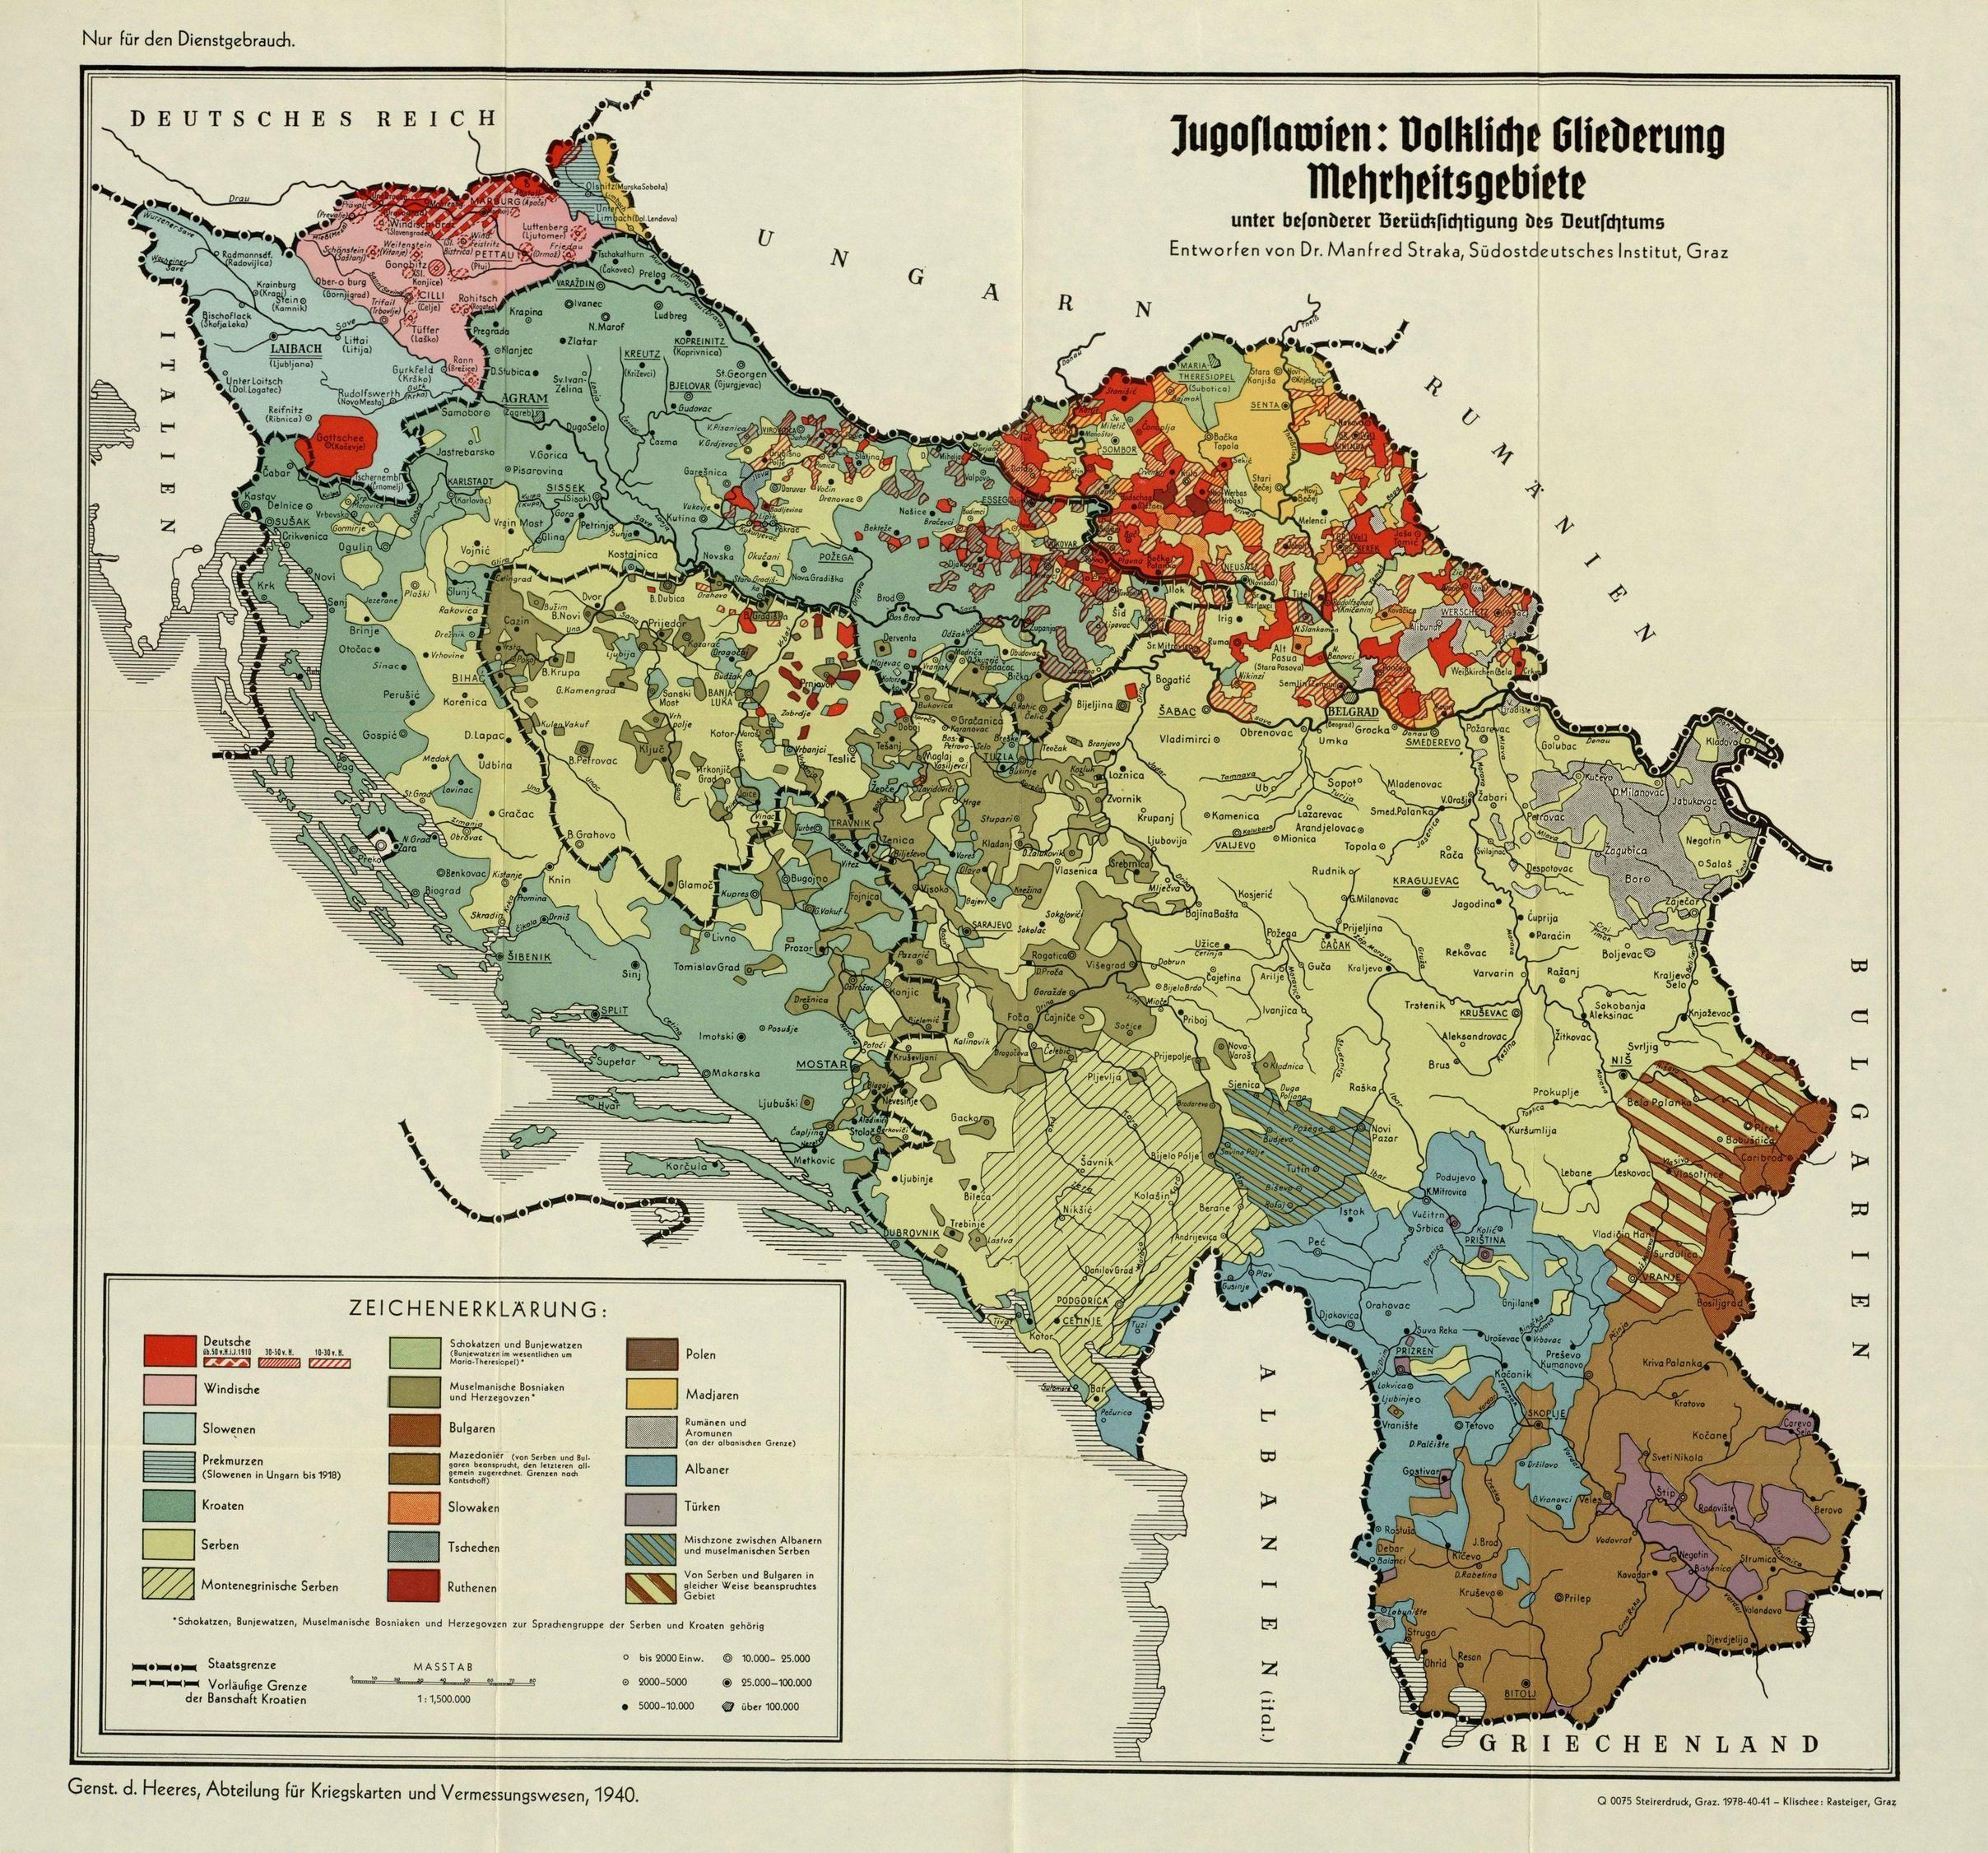 Ethnic map of kingdom of yugoslavia 1940 the world pinterest ethnic map of kingdom of yugoslavia 1940 gumiabroncs Choice Image